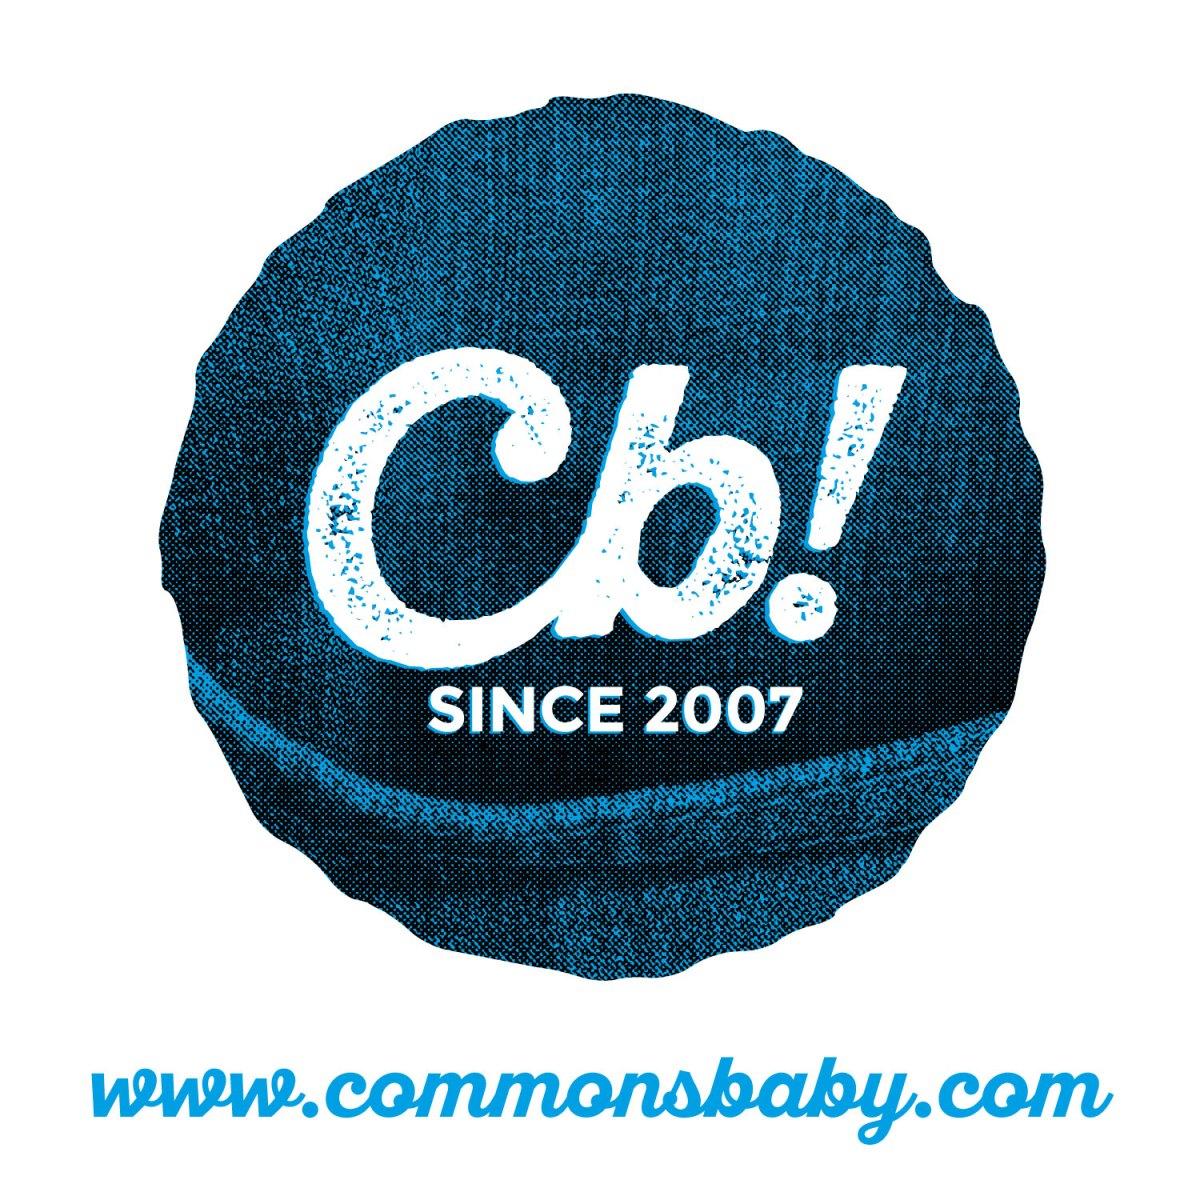 C'mmons baby!